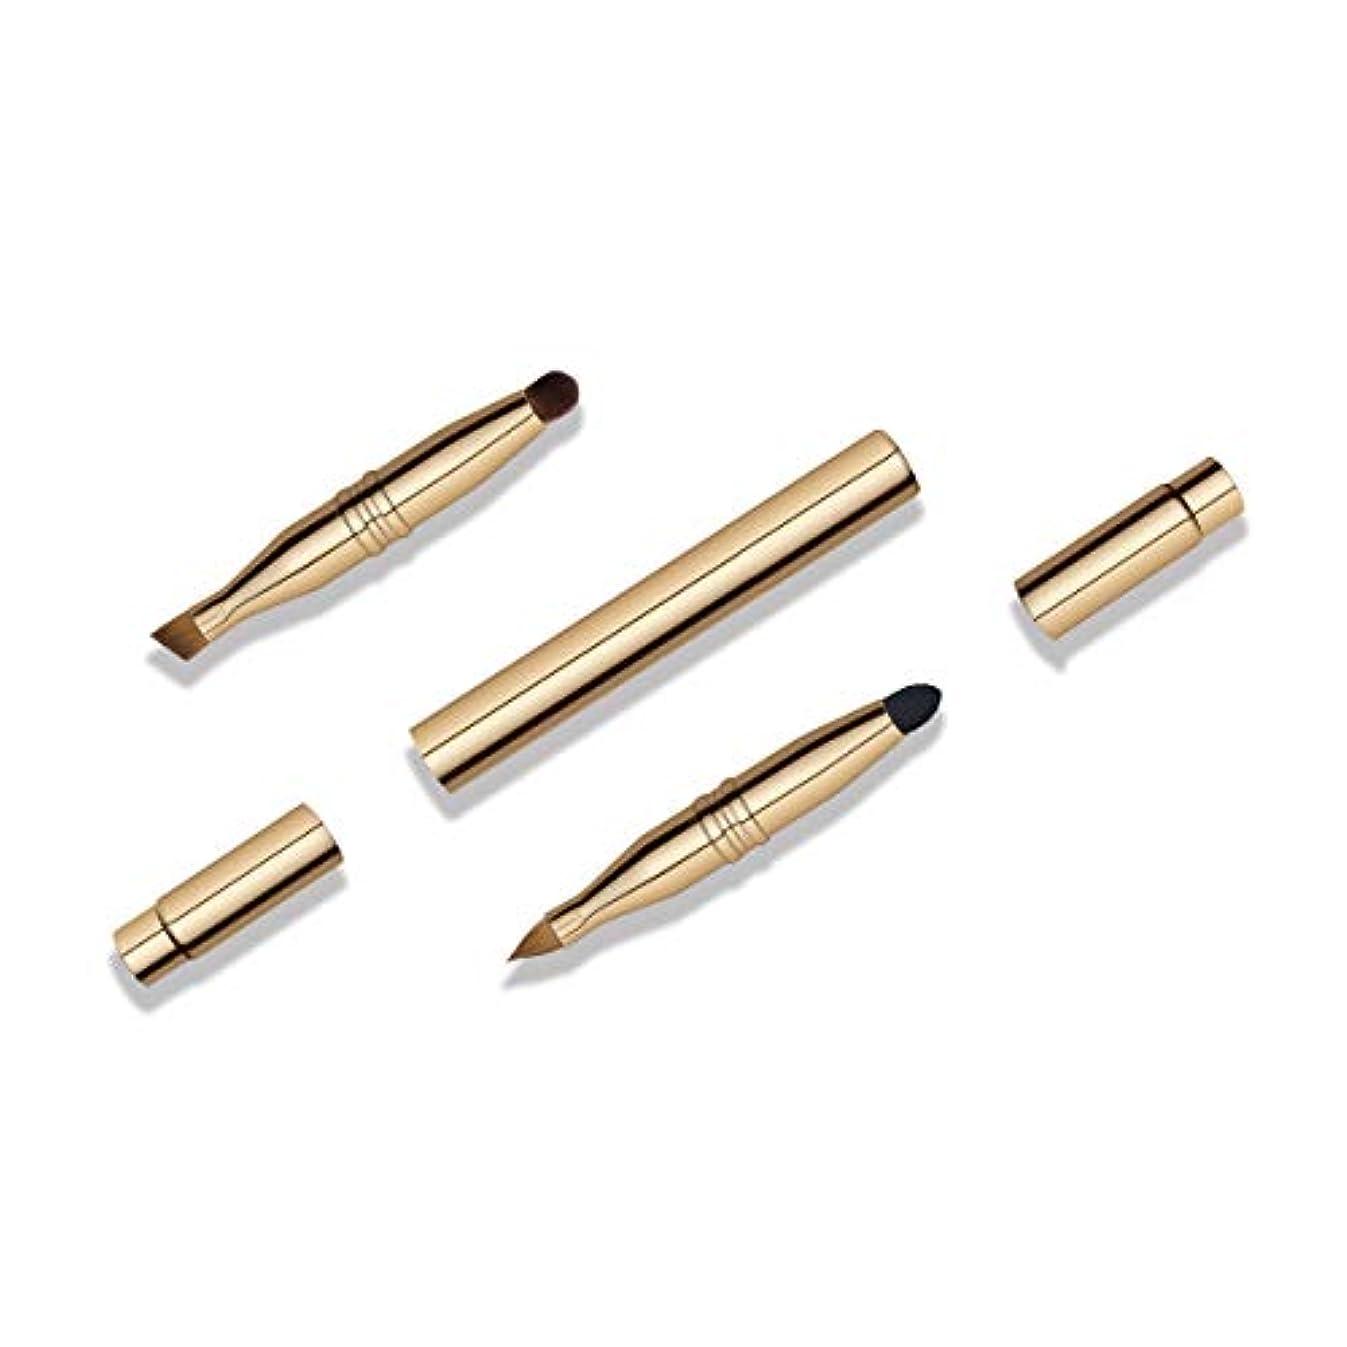 代表スチュワーデス選択するBLD 伸縮式携帯用4ヘッドメイクブラシ スライド式 4エンド化粧筆